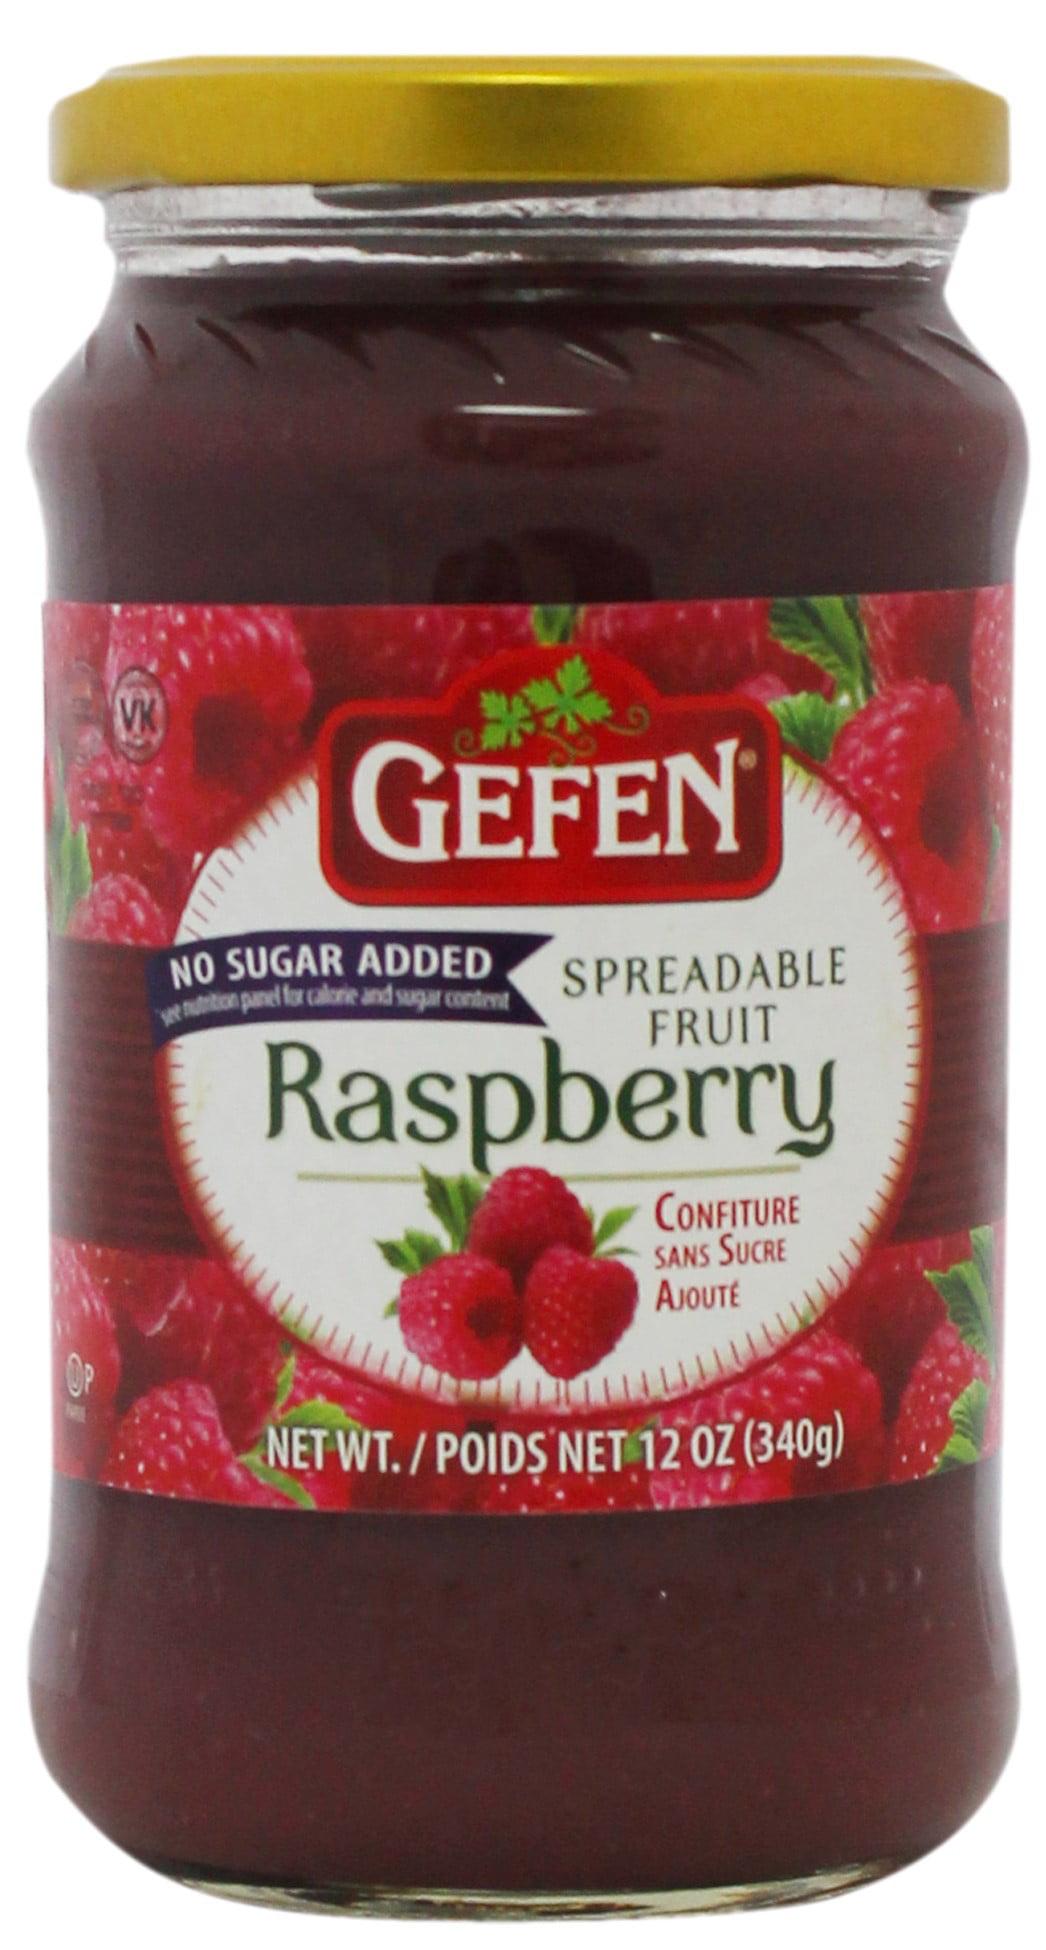 Gefen Raspberry Preserves, No Sugar Added, 12 Oz by Gefen